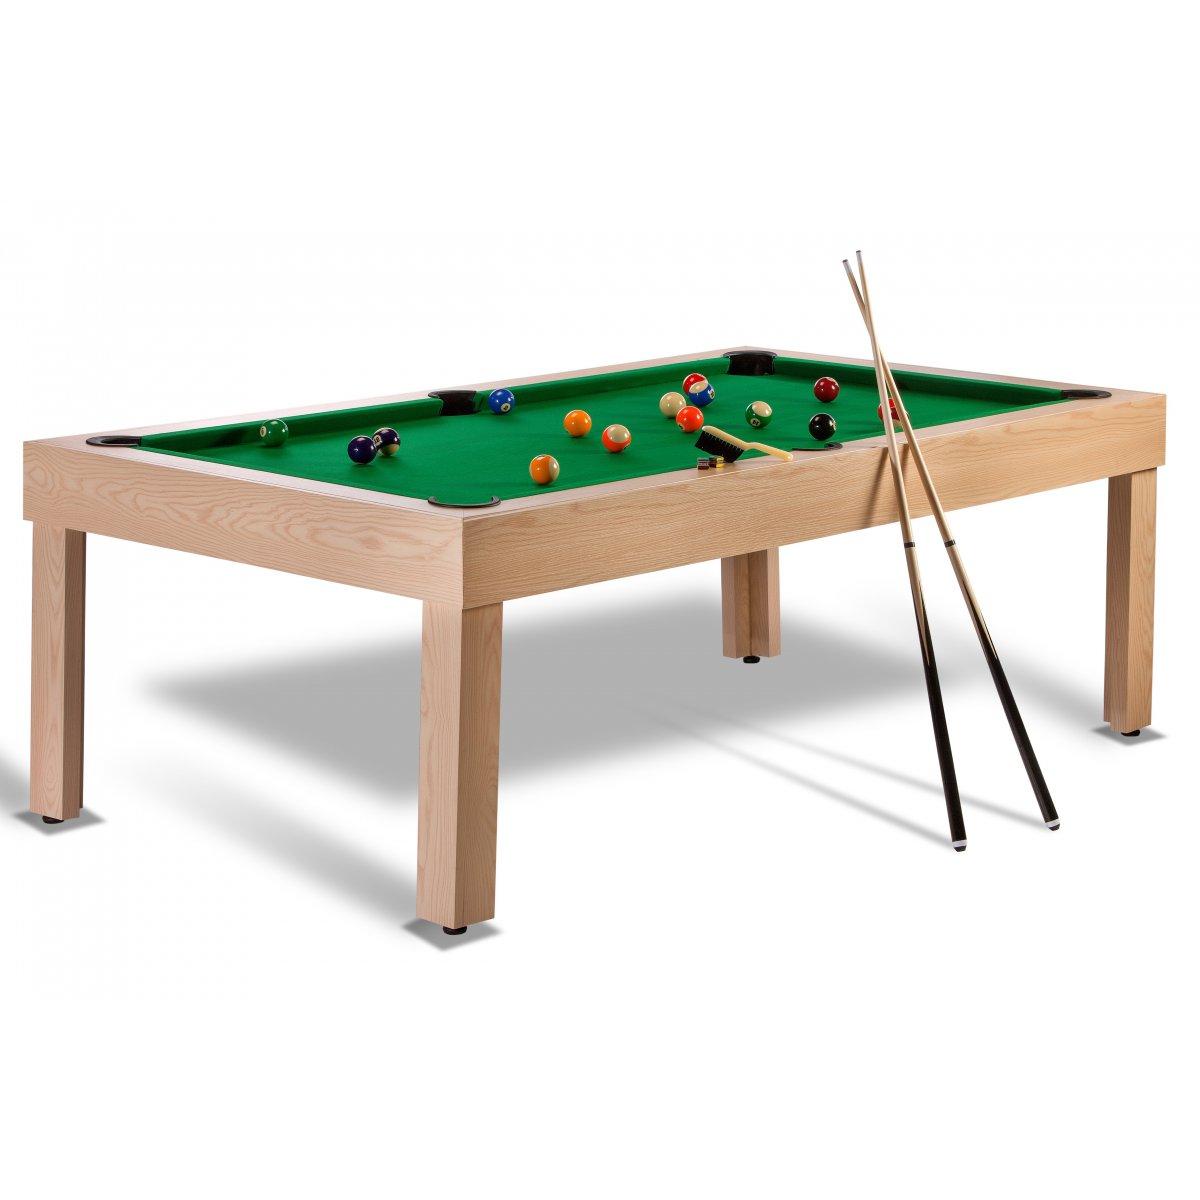 Billard am ricain avec plateau table et accessoires inclus for Table salon convertible